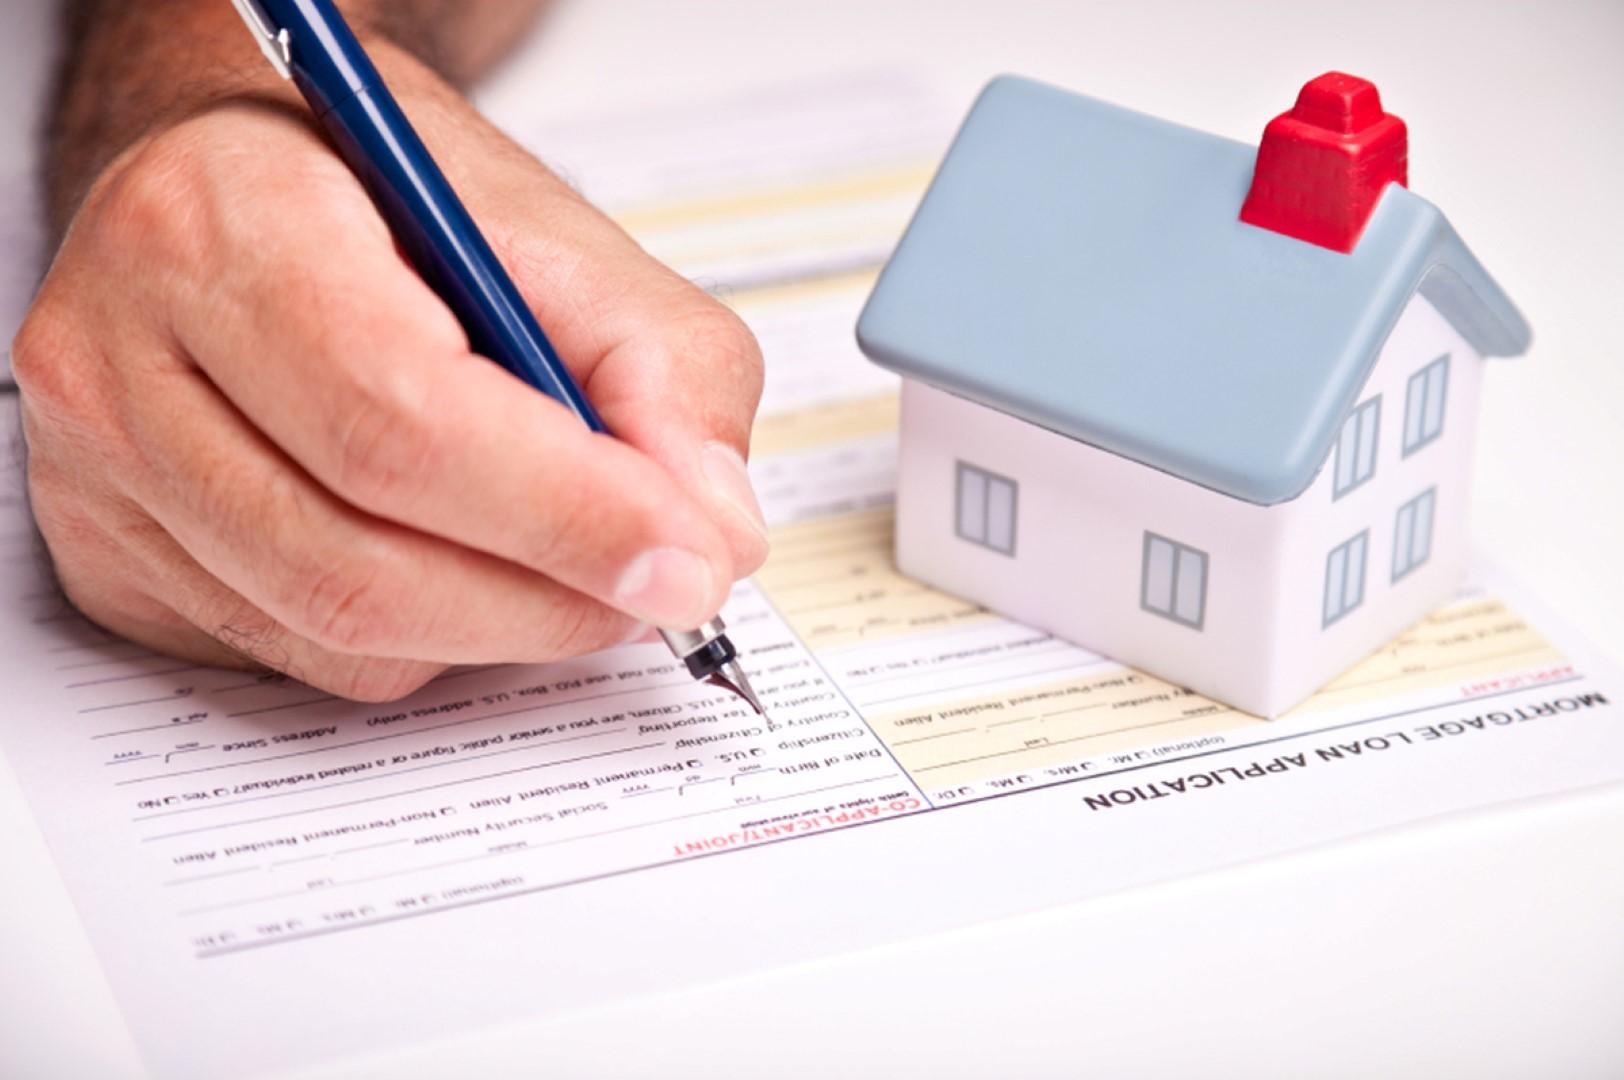 Особенности договора аренды нежилого помещения, в том числе долгосрочного, правила составления и его образец